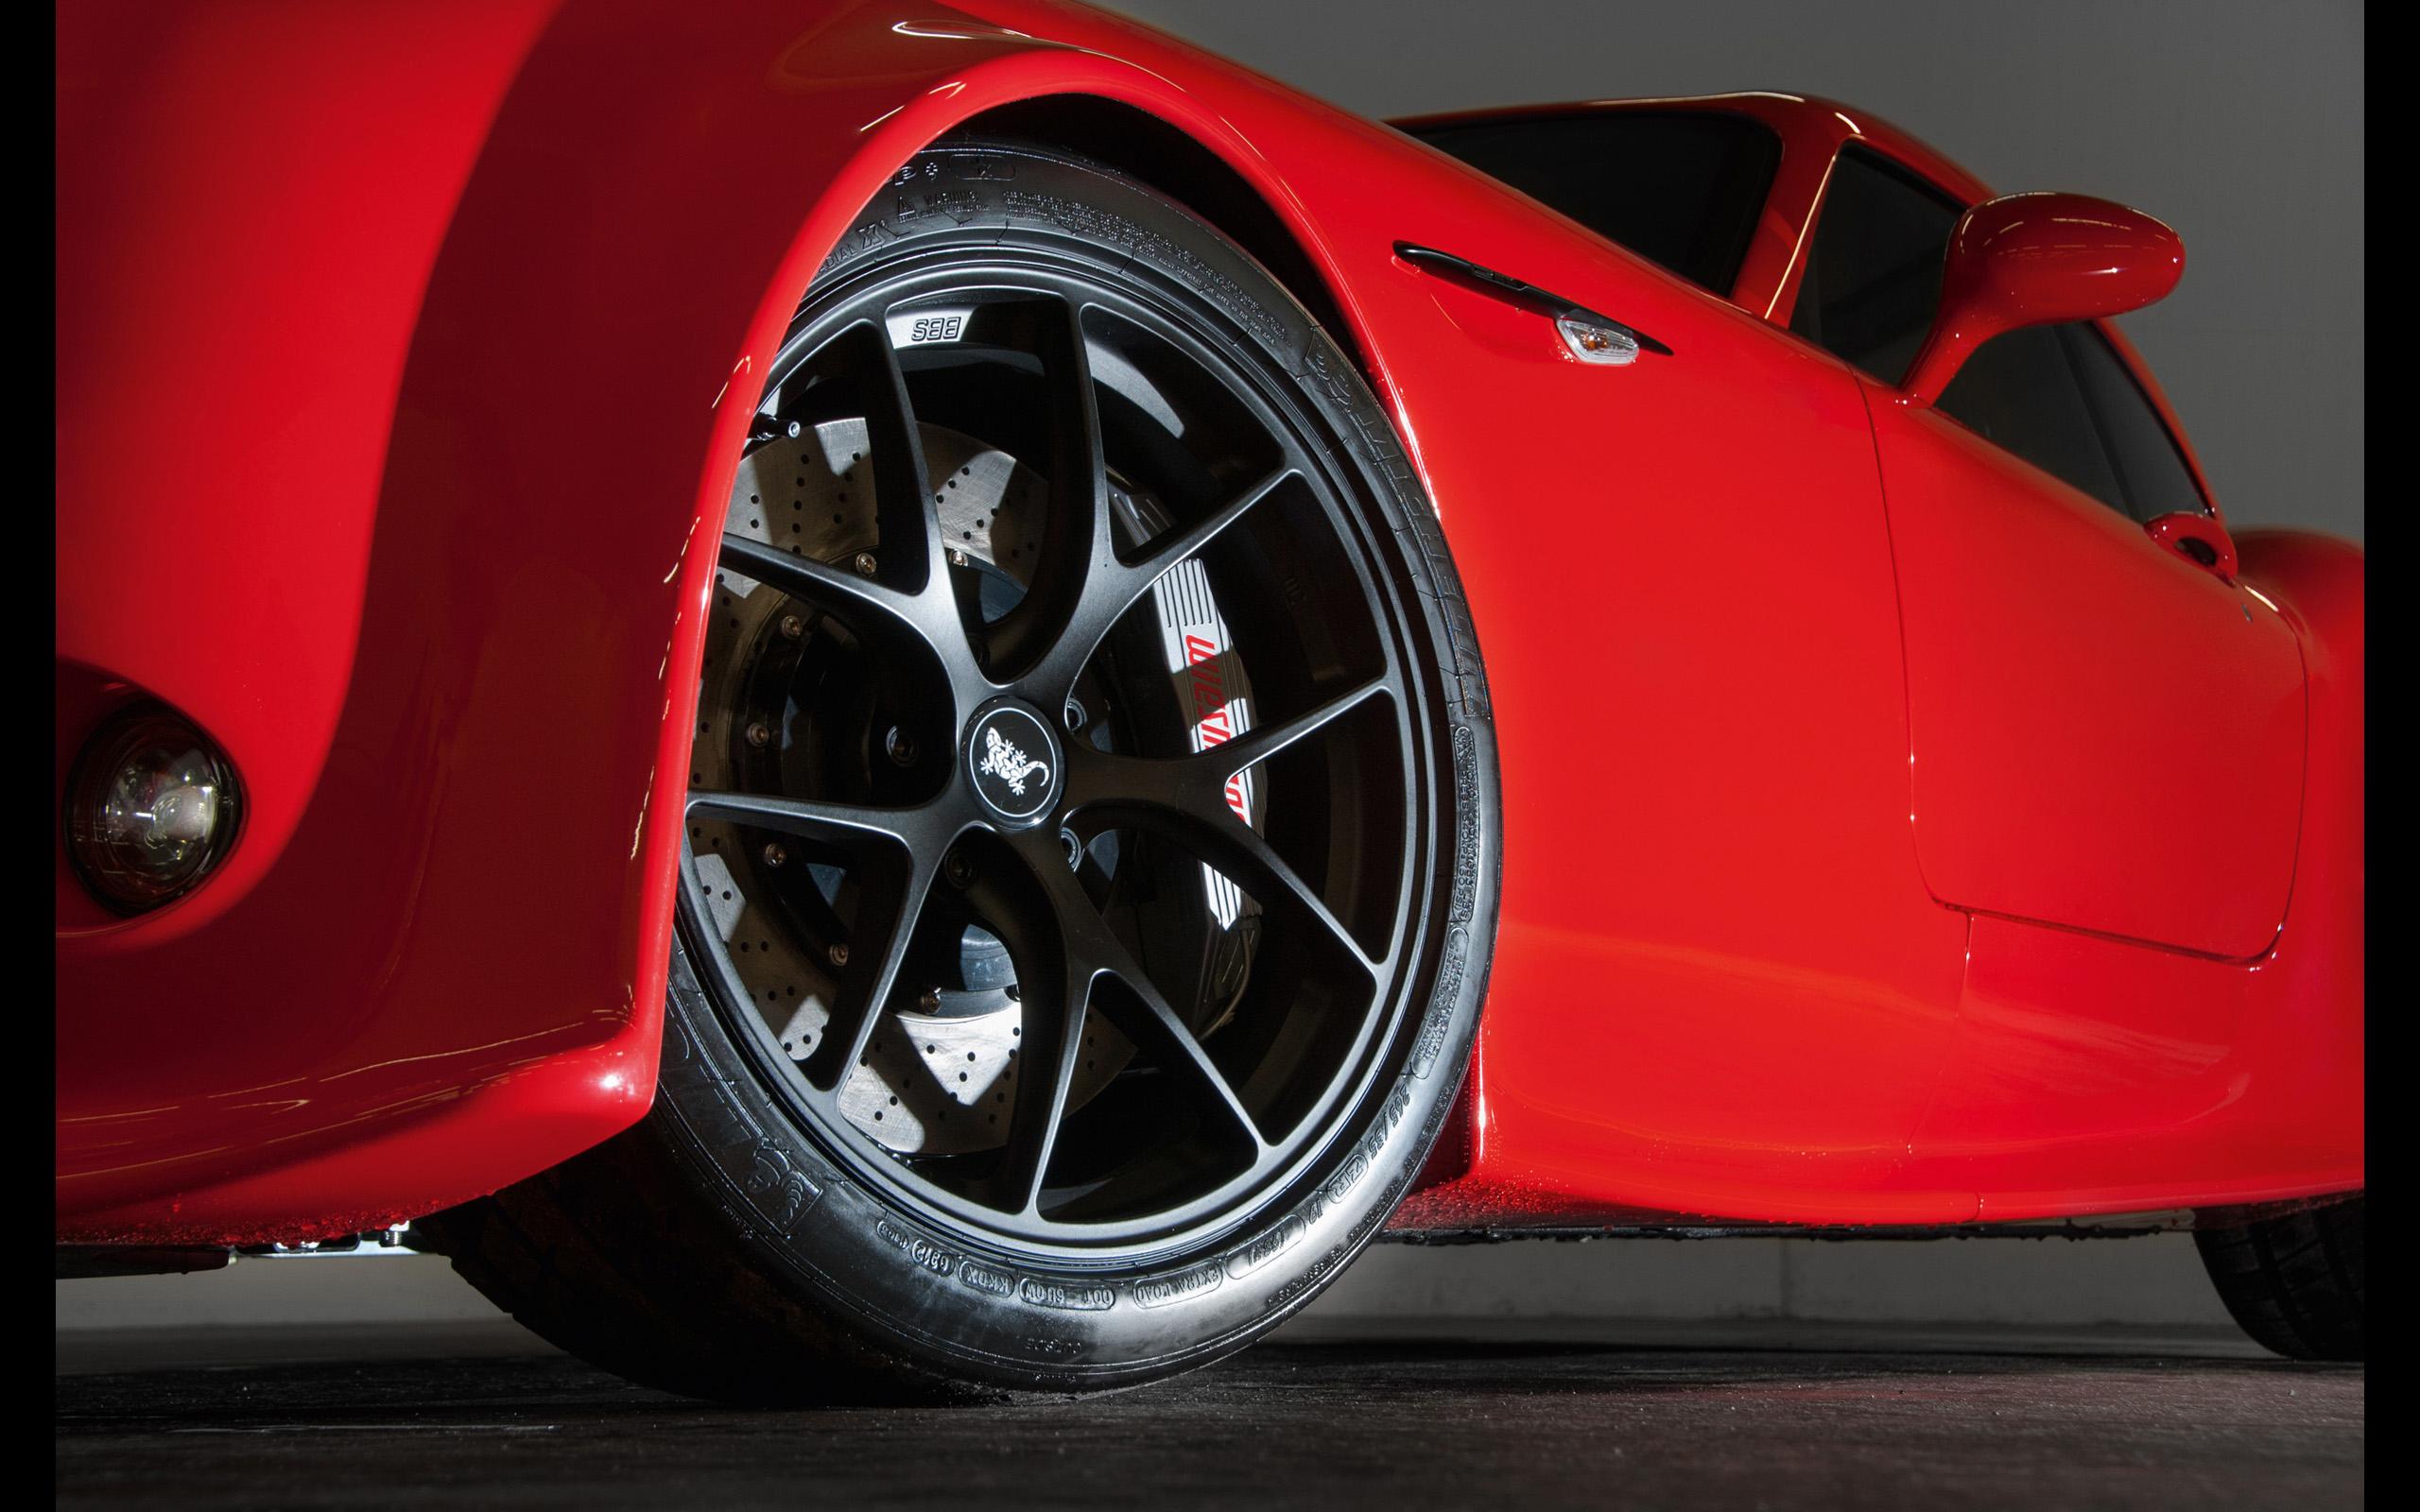 Wiesmann G T Cs Supercar Supercars Wheels Wheel Wallpaper